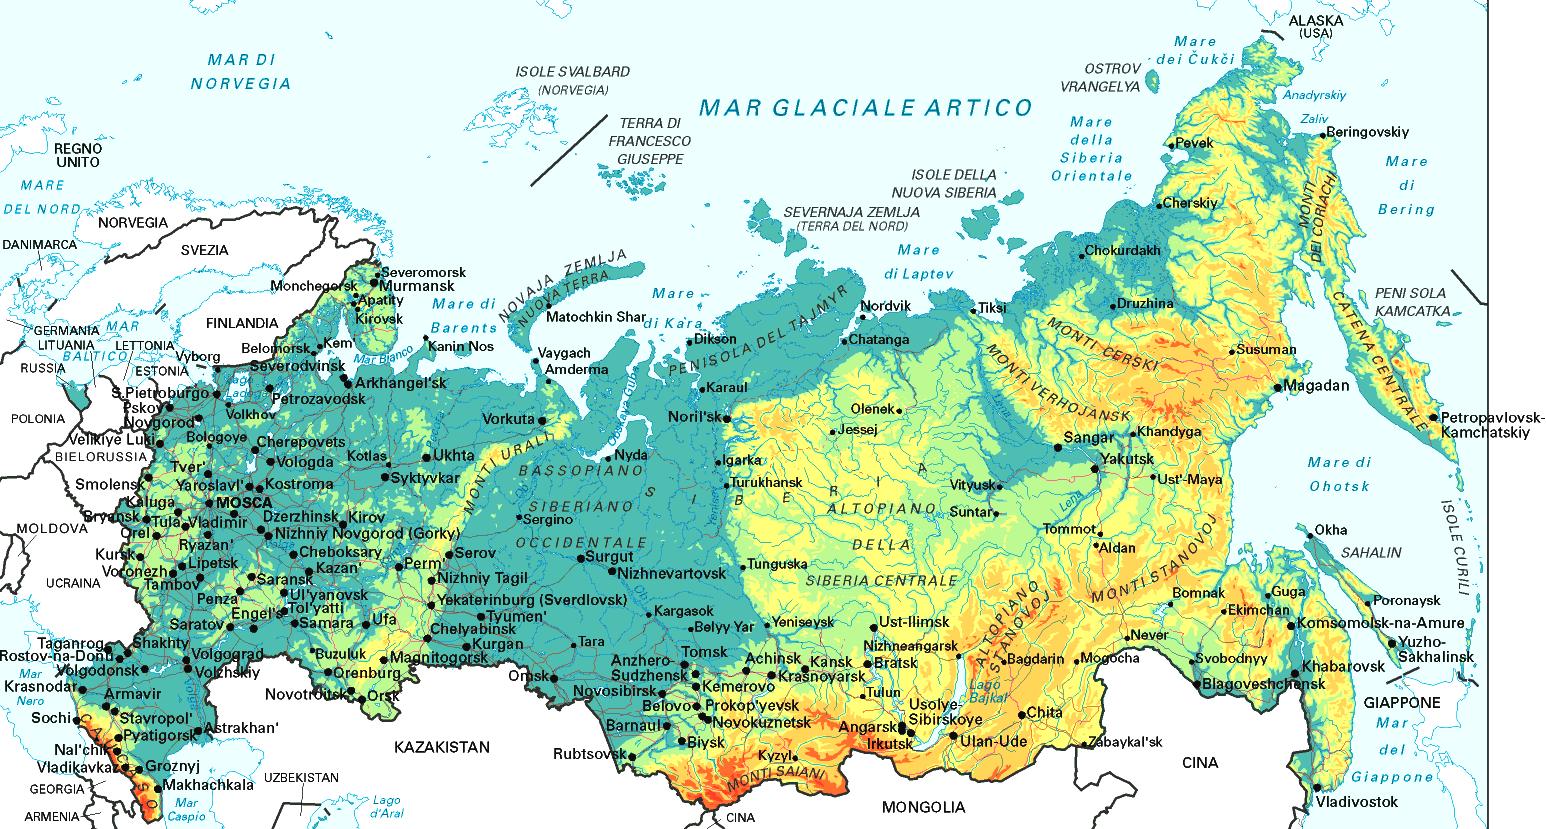 La Cartina Della Russia.Mappa Geografica Della Russia Carta Ad Alta Risoluzione